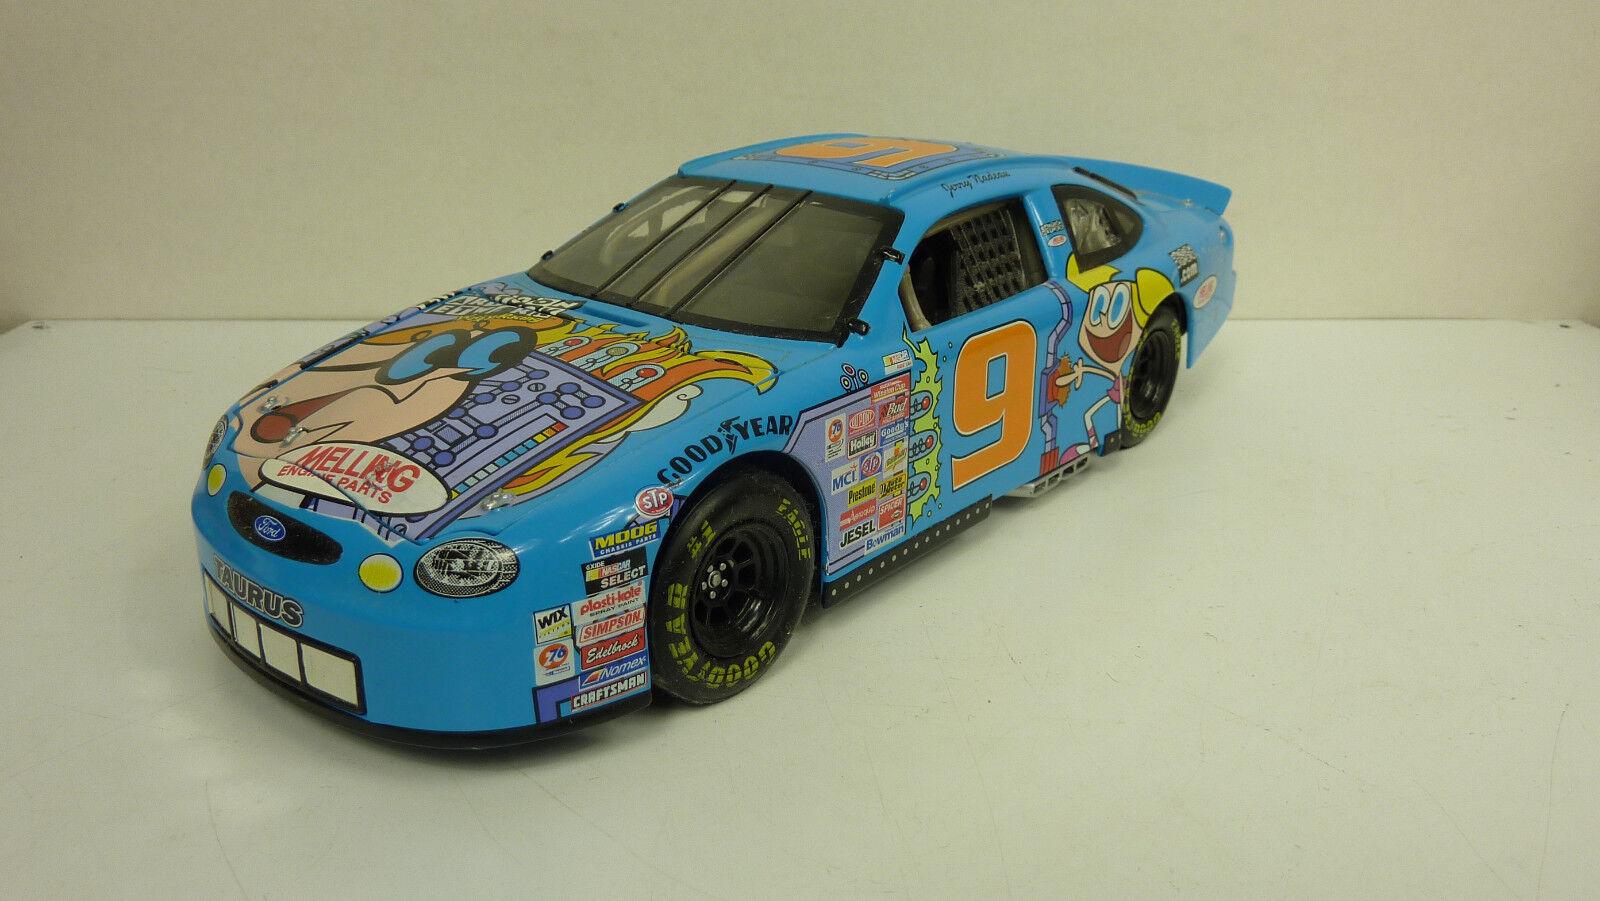 auténtico Acción racing 1 18 Ford Ford Ford Taurus NASCoche Cochetoon Network 1999  9 sin VP (a1751)  el mas reciente